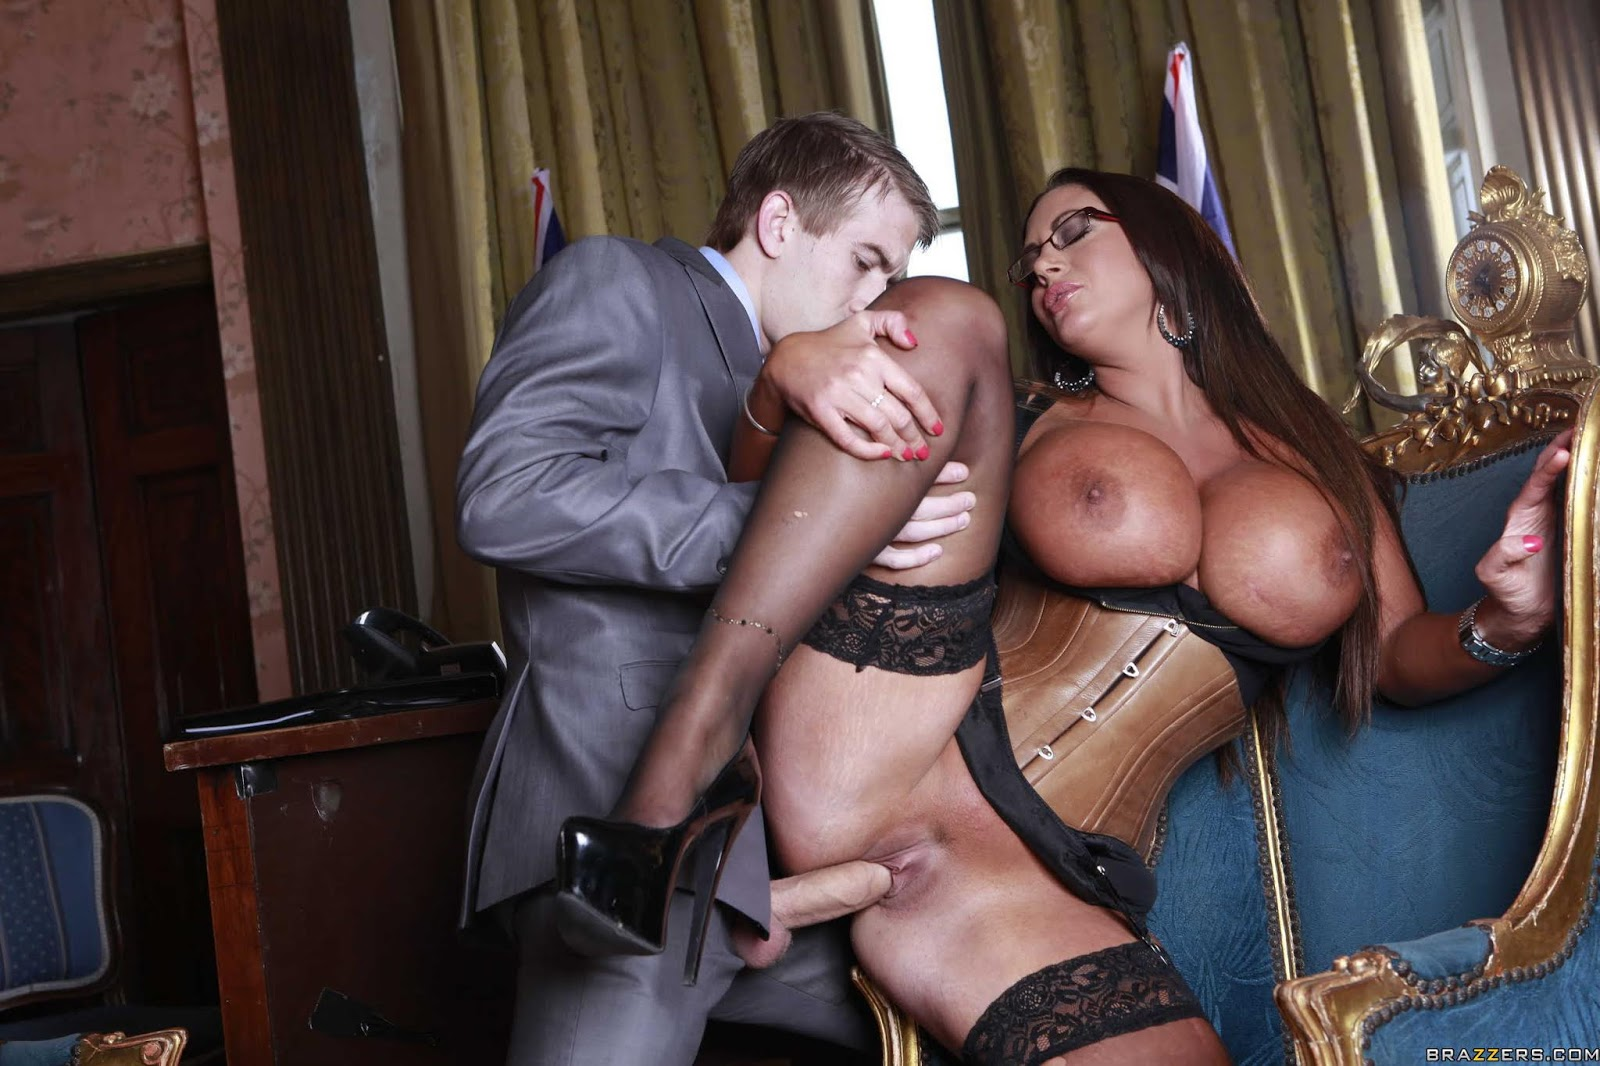 Emma butt pornstar bio big tits sex models free porn images